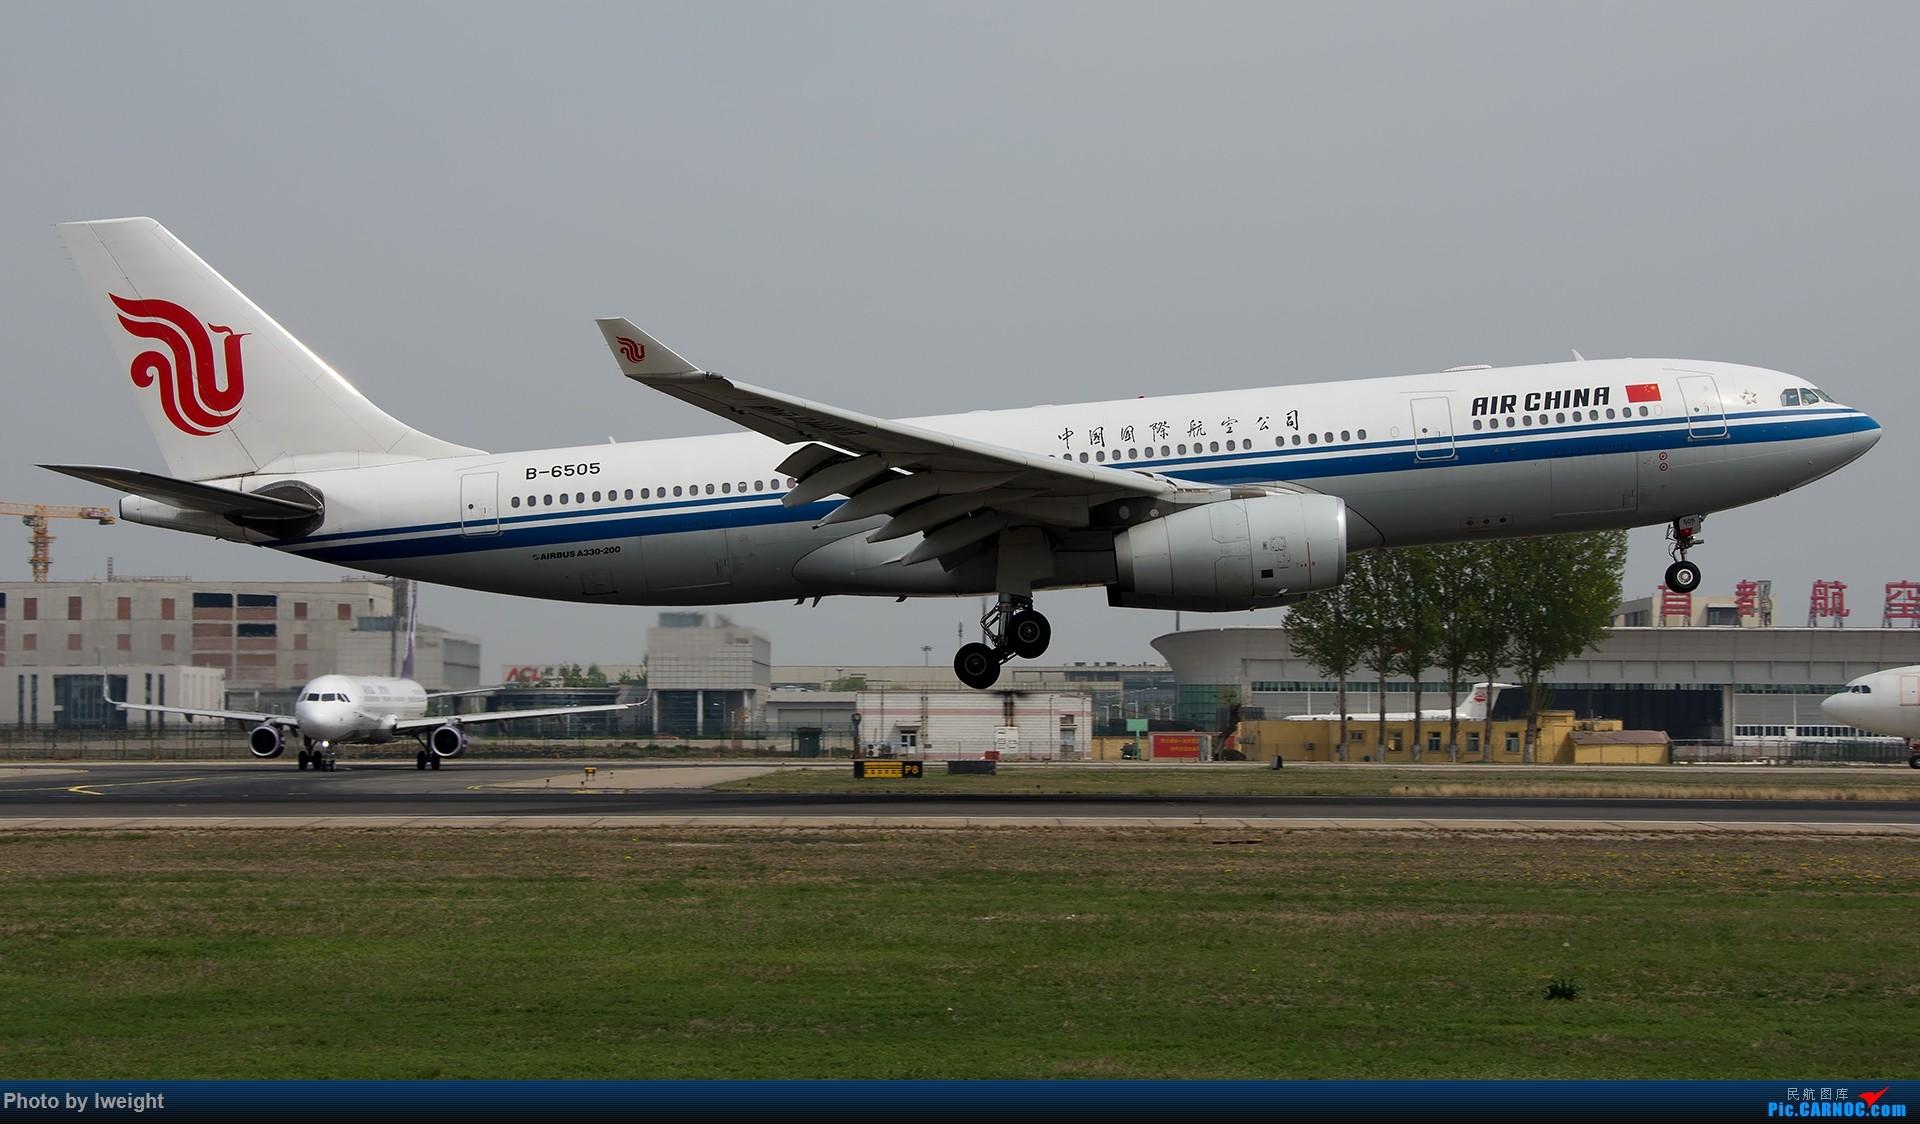 [原创]霾,18R,高密度 AIRBUS A330-200 B-6505 中国北京首都国际机场